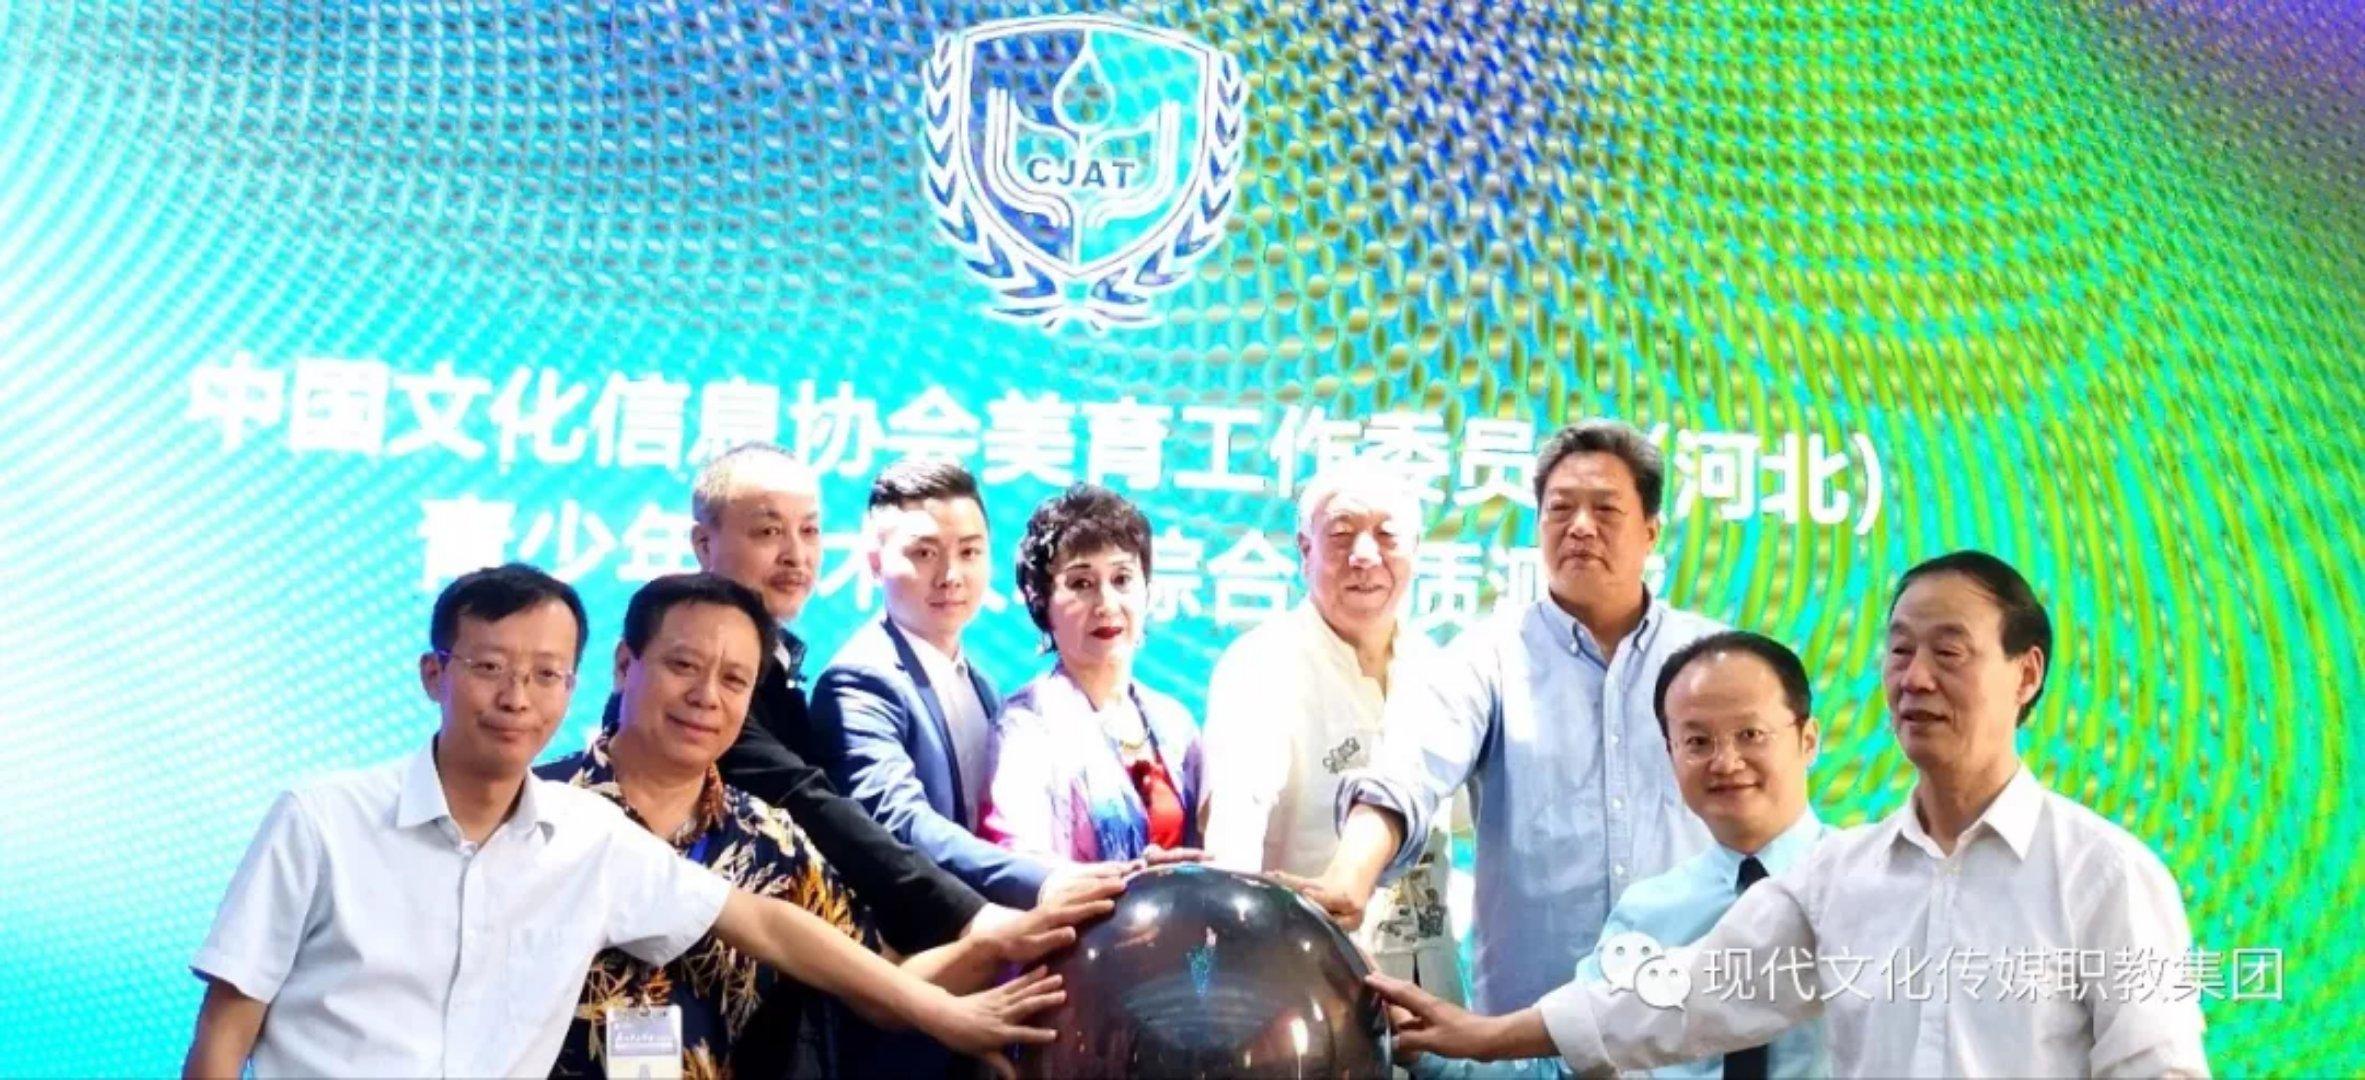 全球華人青少年舞蹈大賽河北啟幕—舞動人生,讓世界看見你!